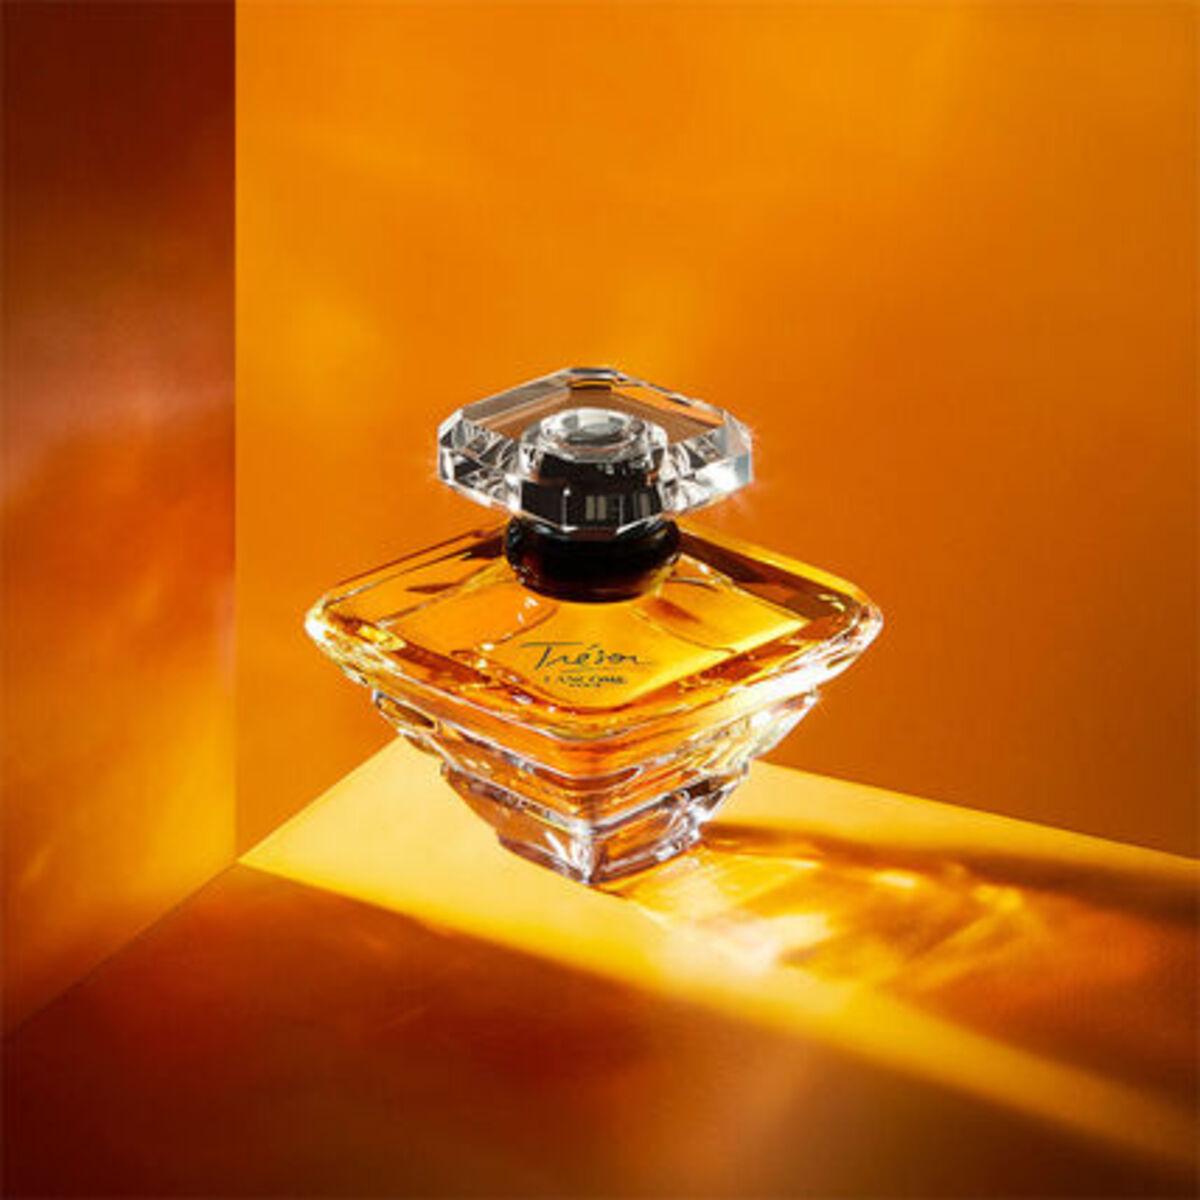 Bild 4 von Lancôme Trésor, Eau de Parfum